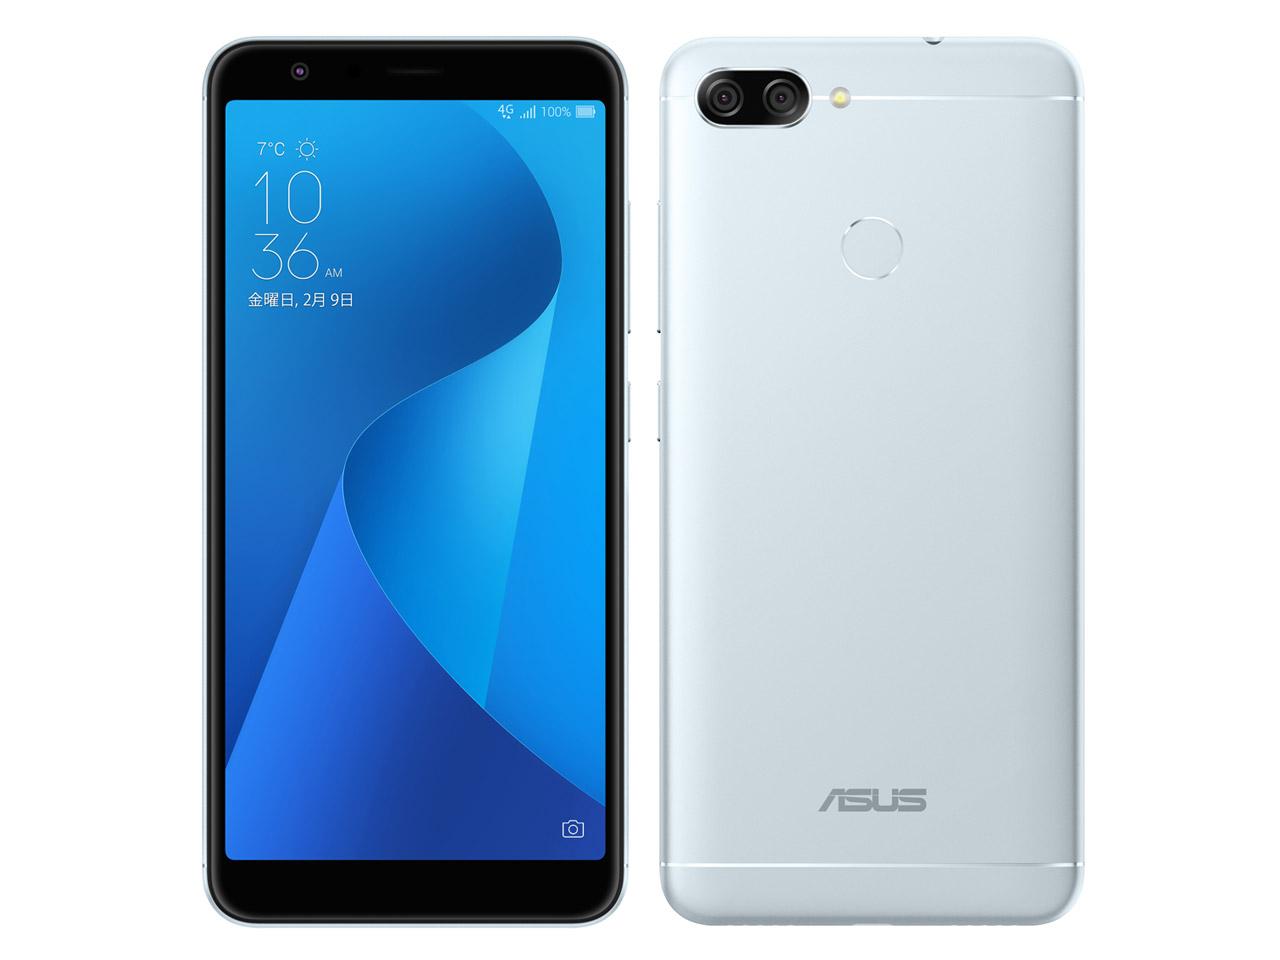 中古 ASUS Zenfone Max Plus M1 Dual-SIM ZB570TL 32GB アズールシルバー【国内版】 SIMフリー スマホ 本体 送料無料【当社3ヶ月間保証】【中古】 【 携帯少年 】